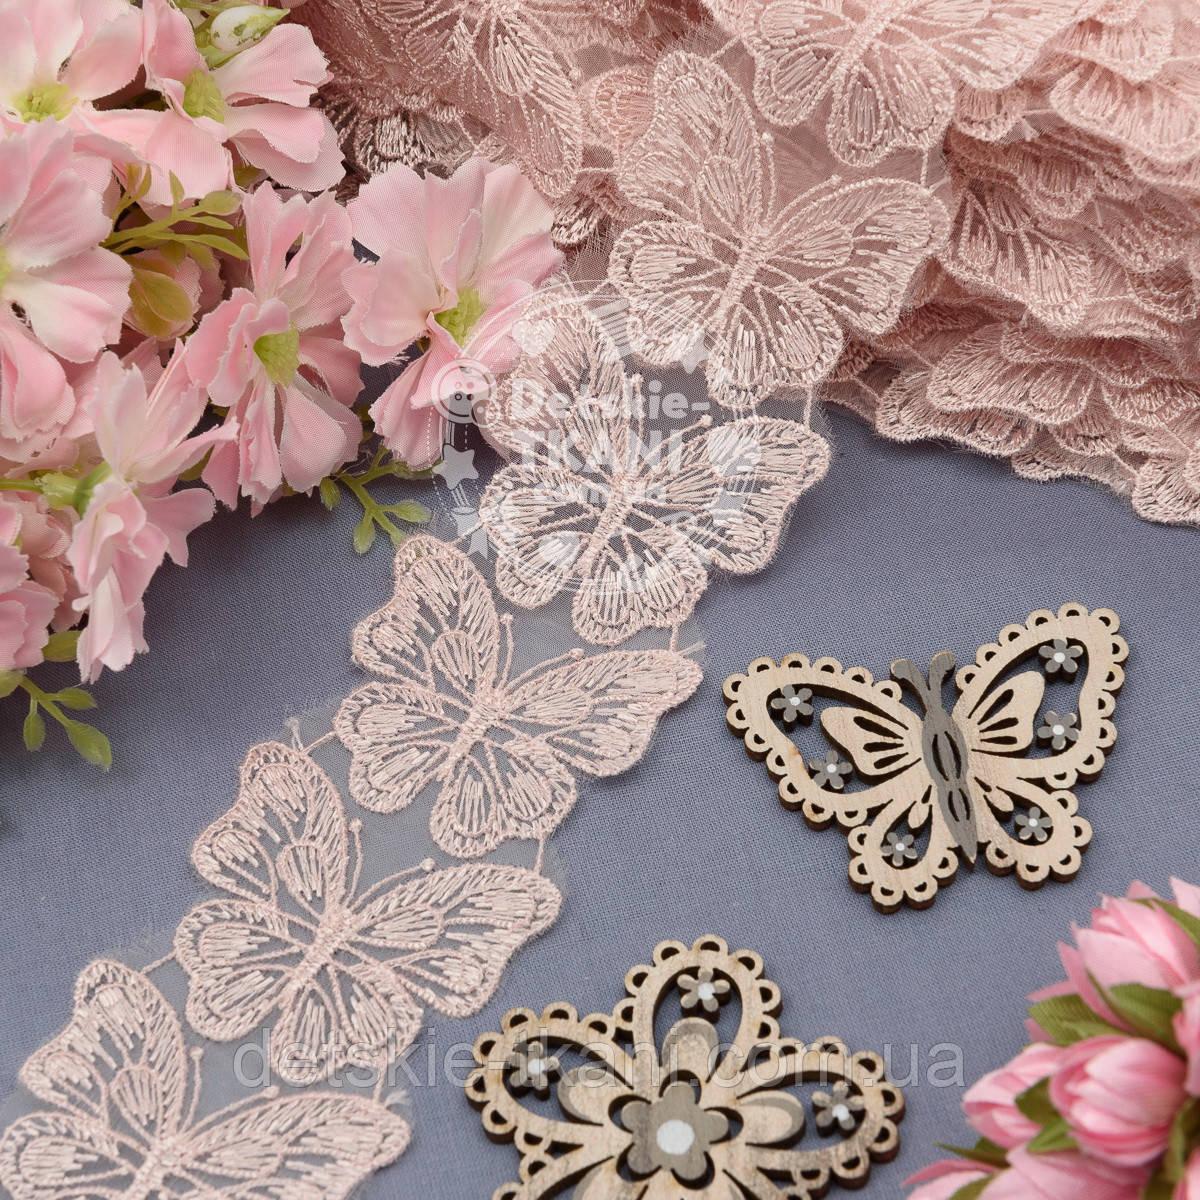 """Кружево """"Бабочки"""" розового цвета, ширина 5 см"""